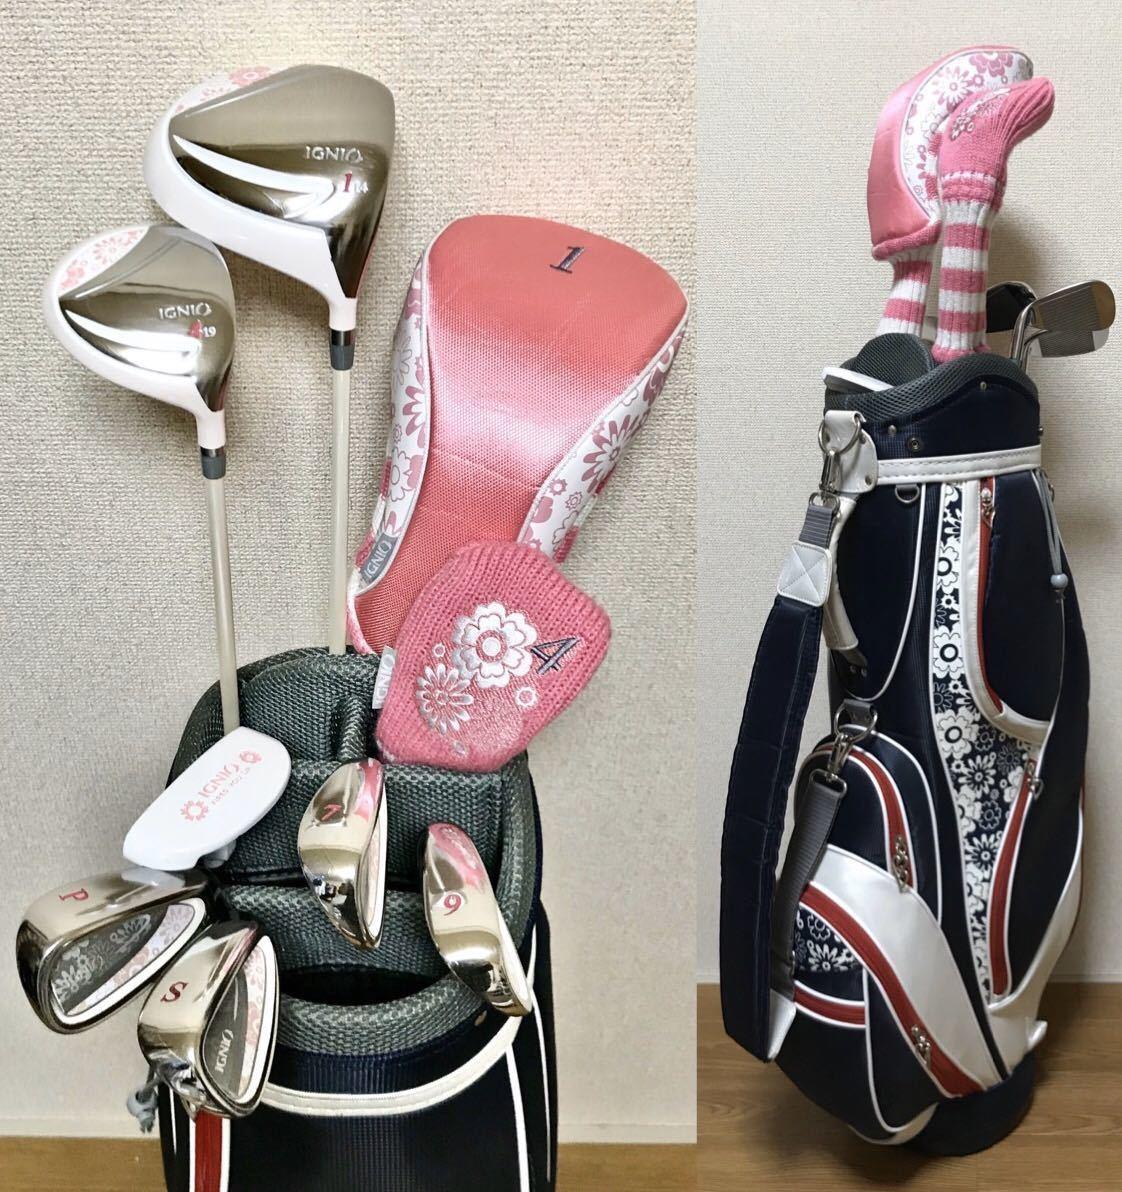 綺麗 初心者様に最適 イグニオ レディースゴルフセット 使用少ない ☆ロストボール付き☆ IGNIO Golf ☆送料無料☆